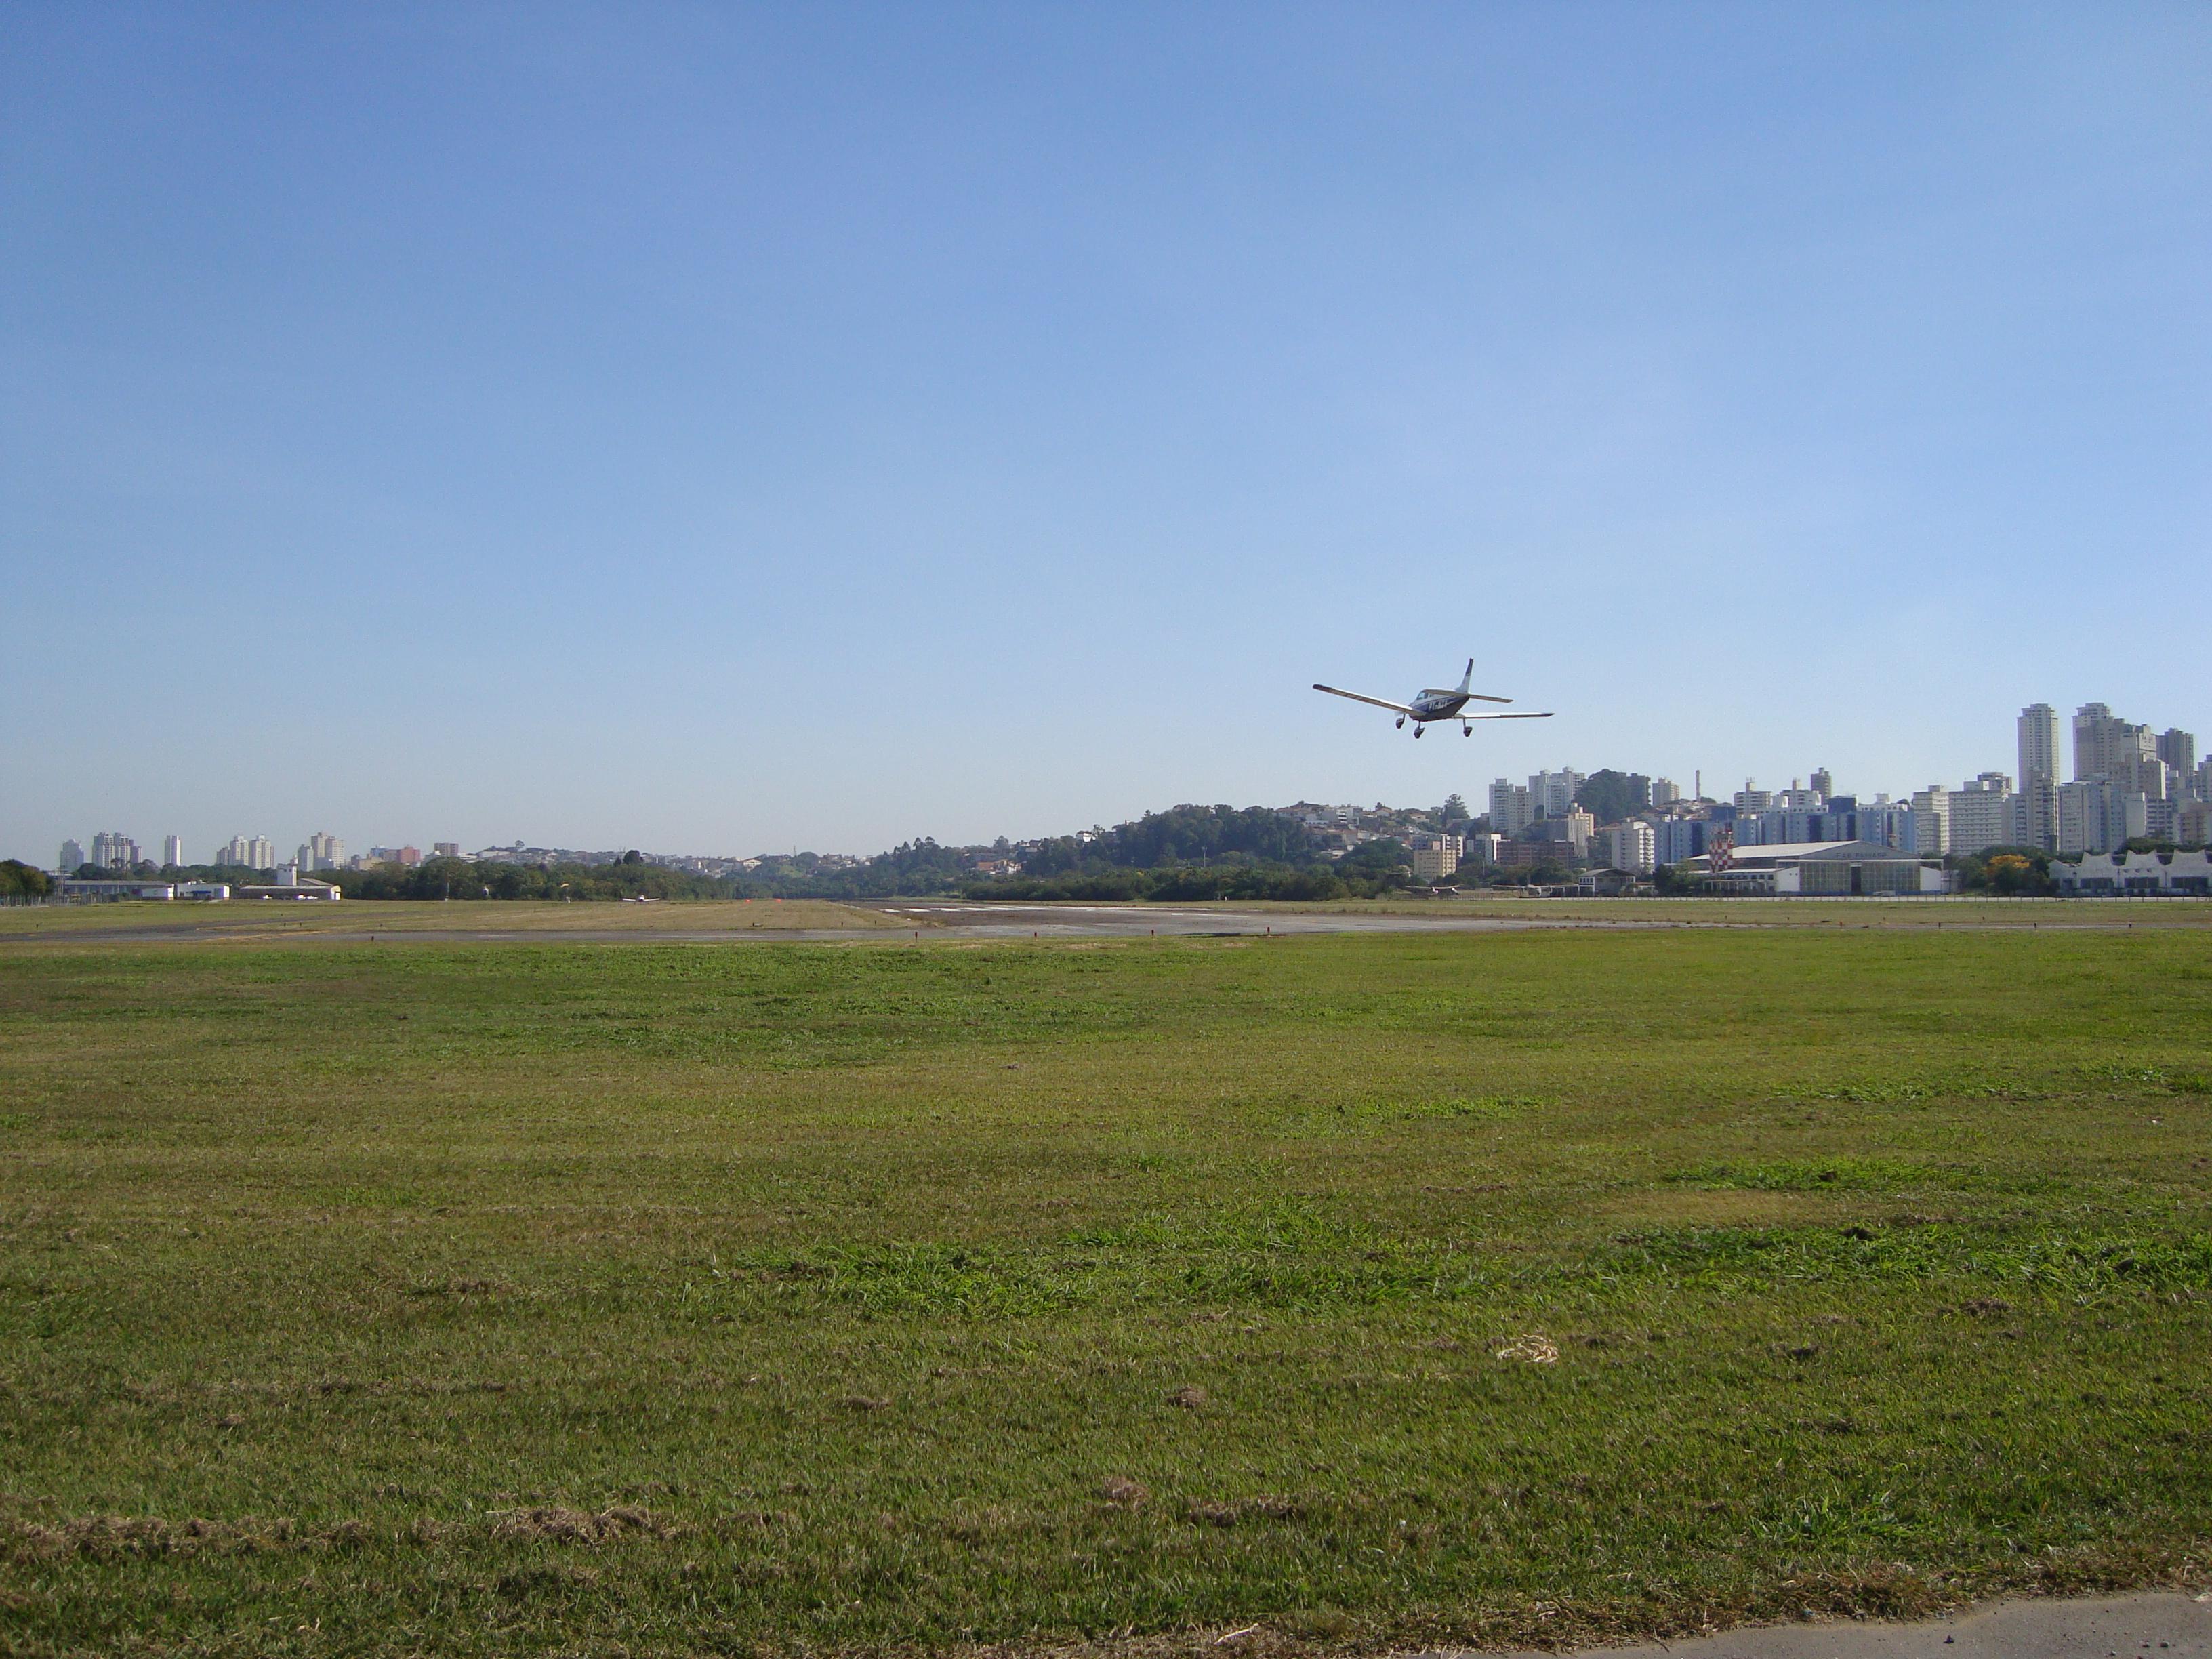 Depiction of Aeropuerto Campo de Marte